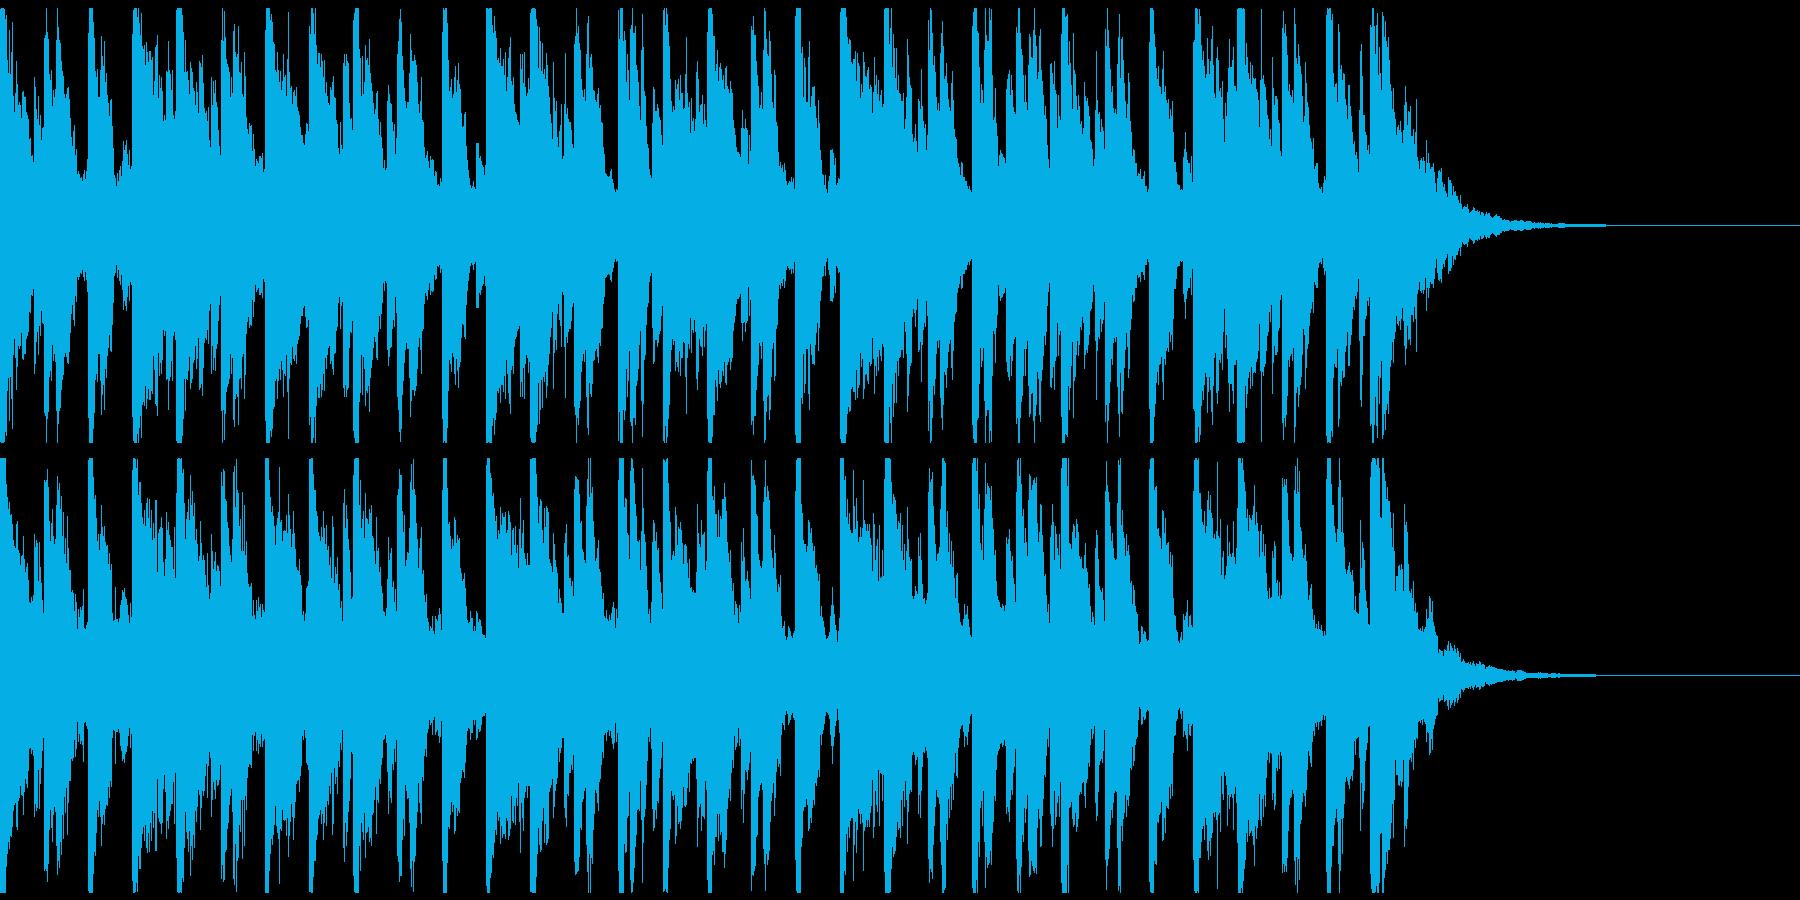 オシャ4つ打ち、スタイリッシュ雰囲気系2の再生済みの波形